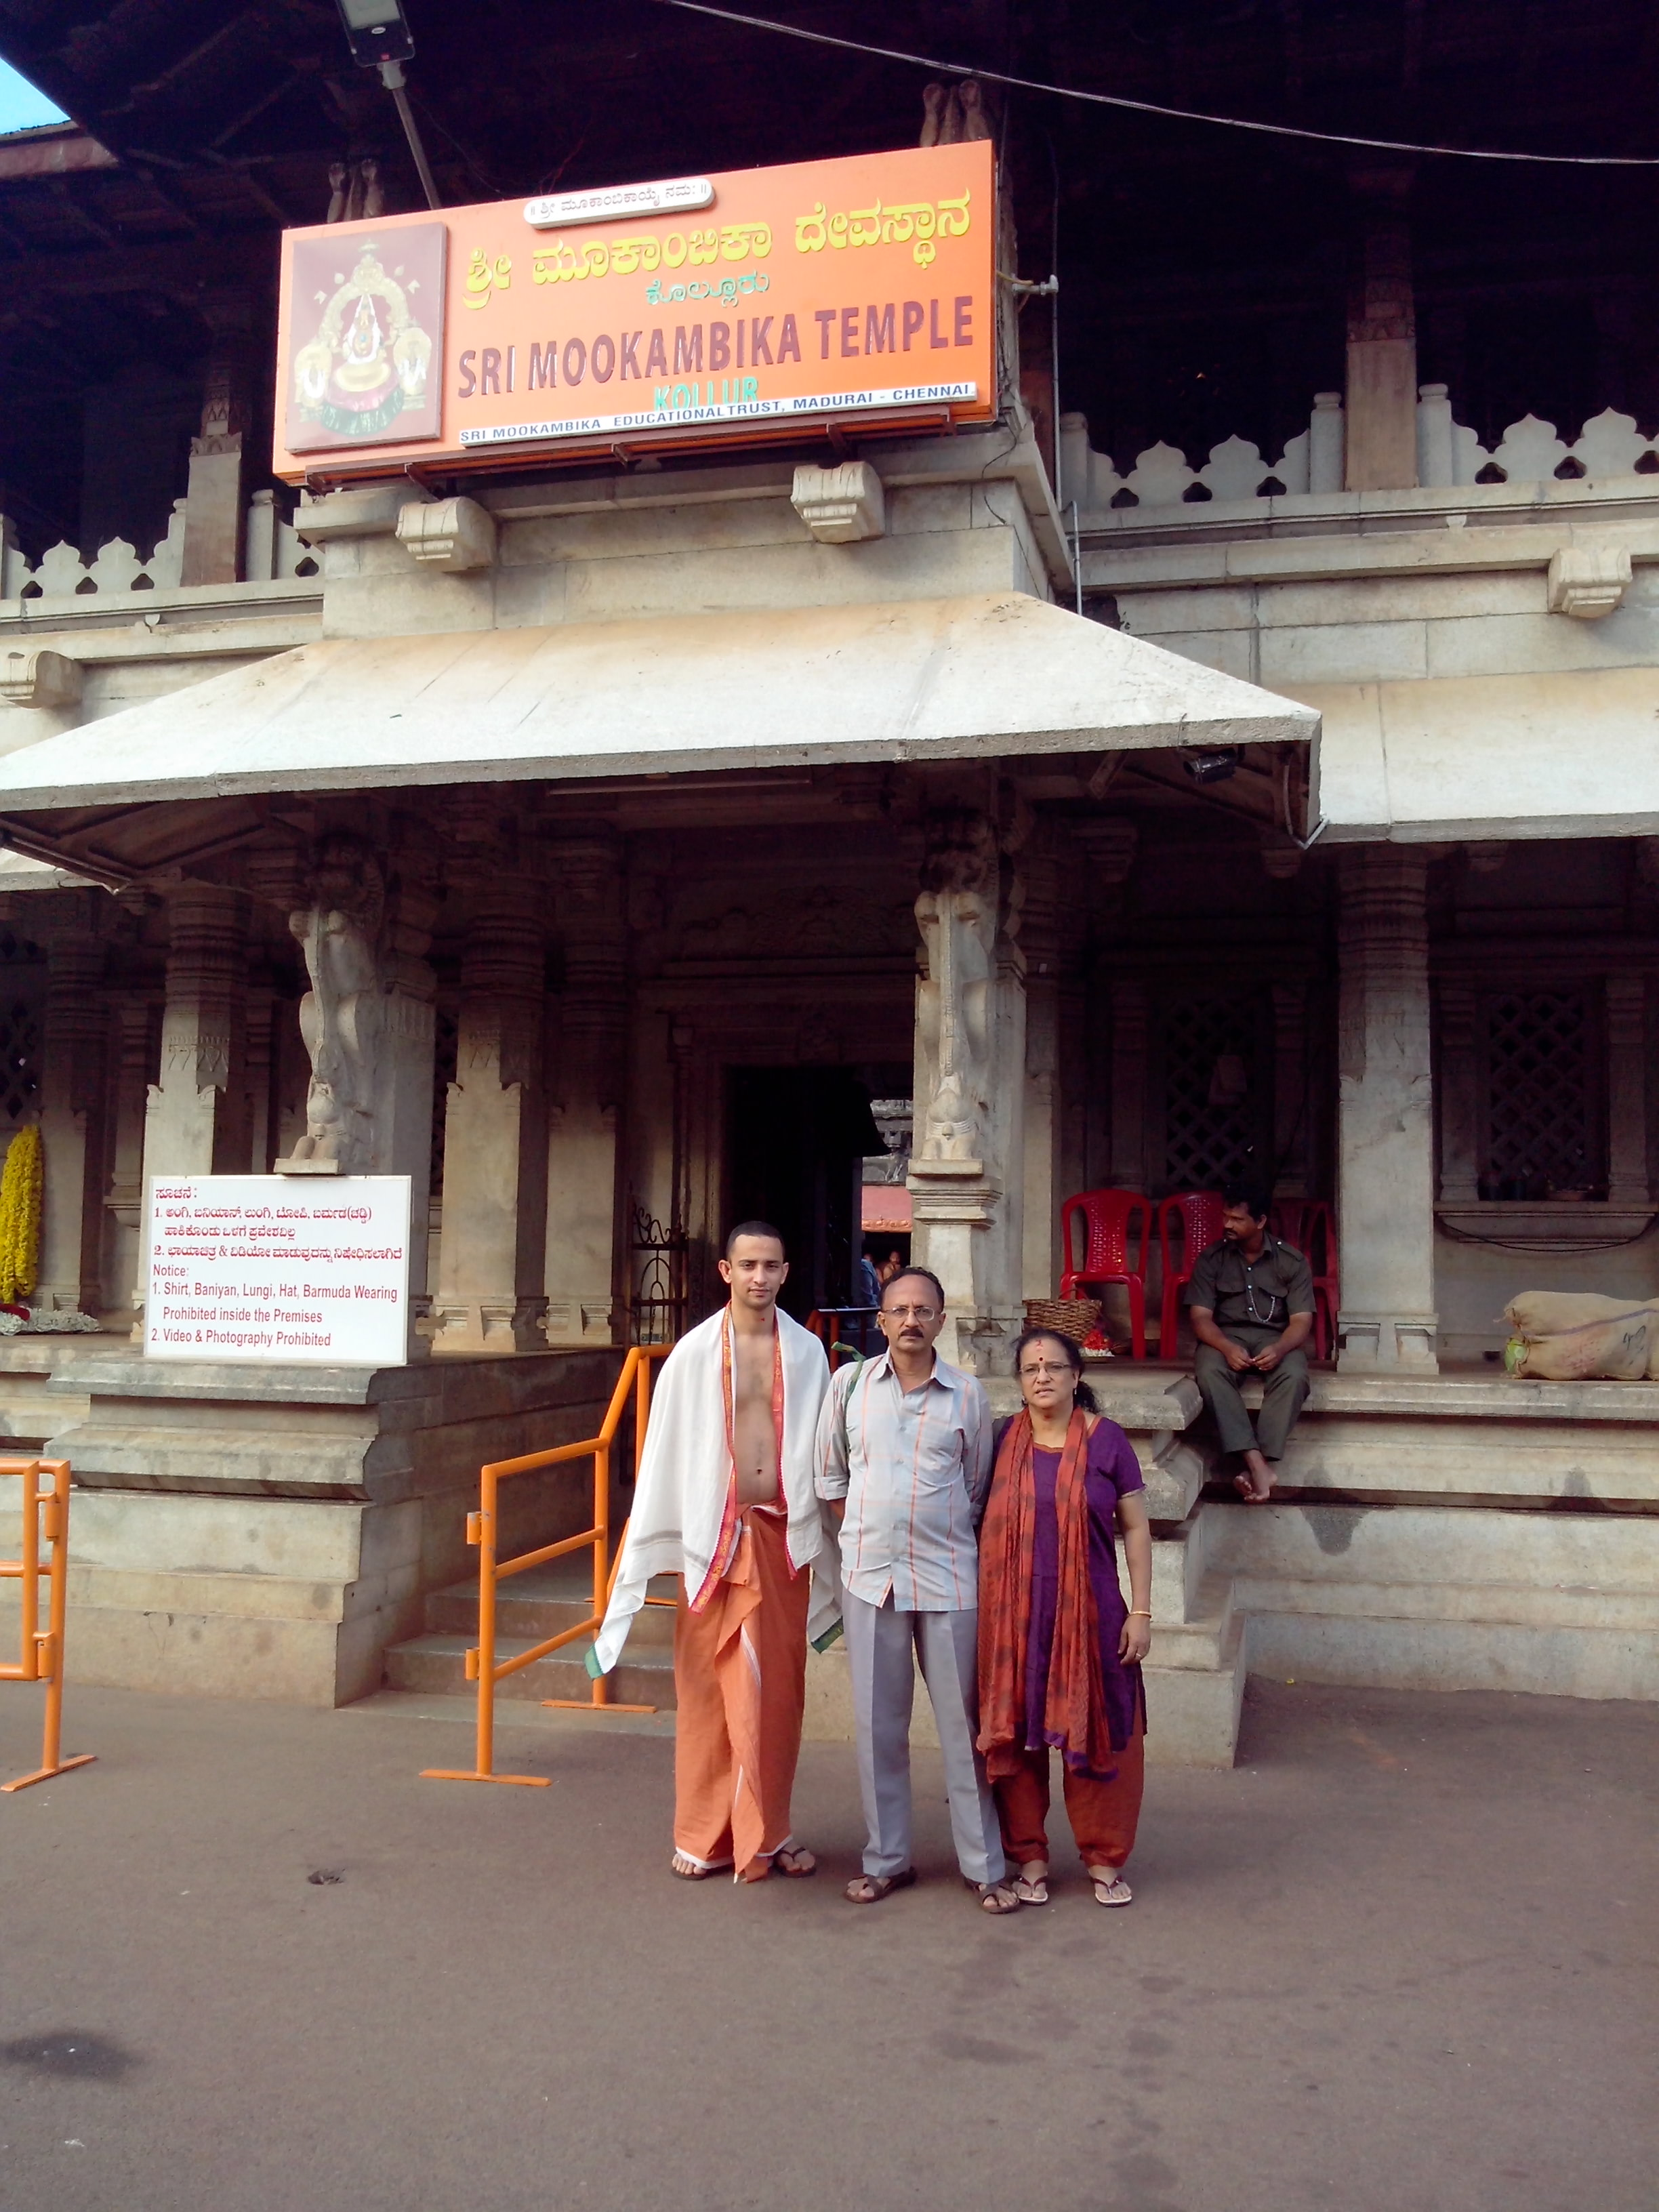 Mookambika temple, Świątynia Mookambika. Znana Świątynia Mookambika znajduje się na południowej część Indii.